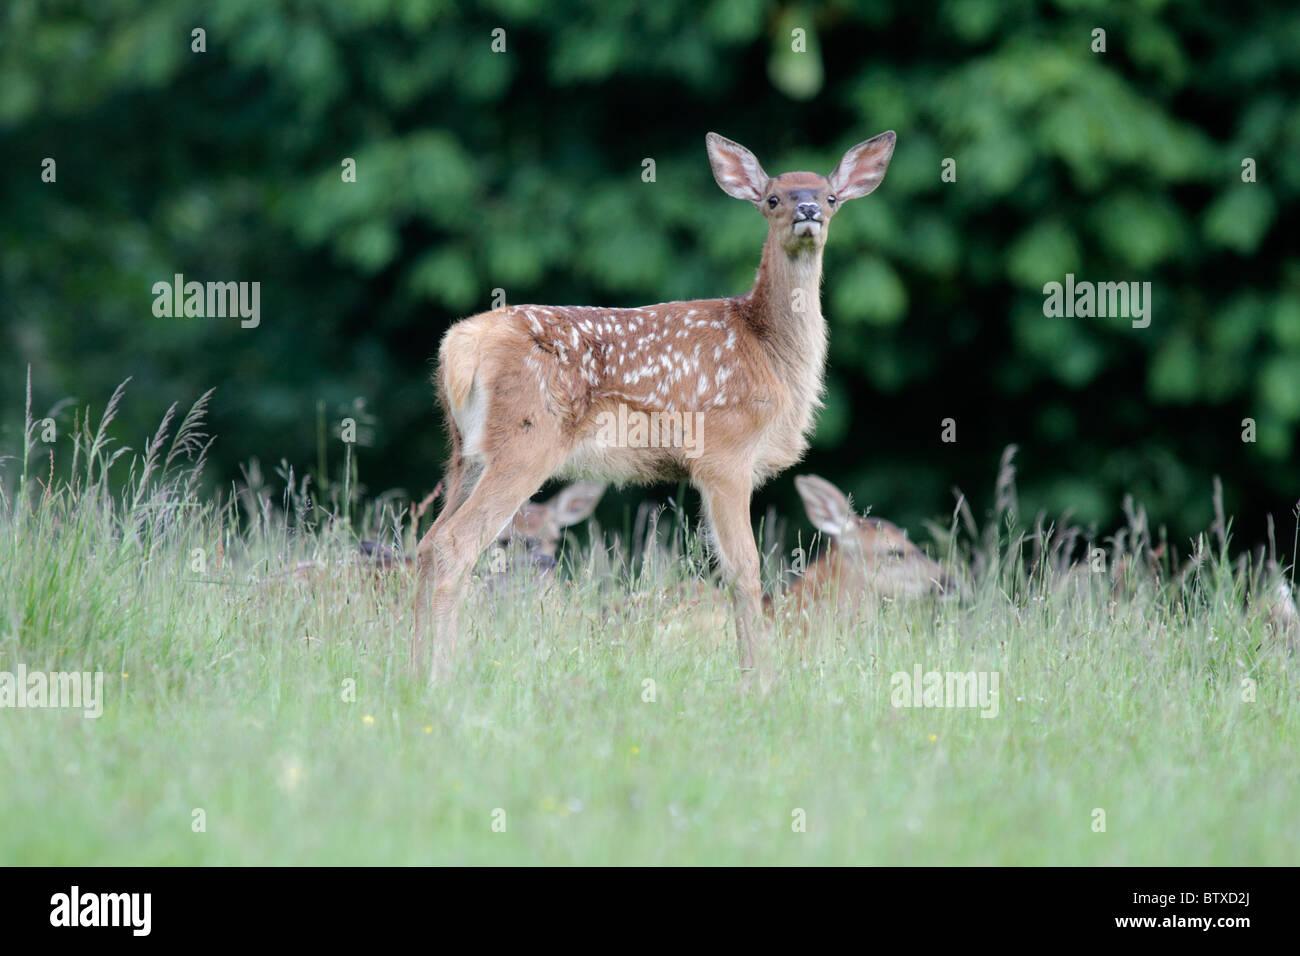 Ciervo rojo (Cervus elaphus), leonado o becerro sobre alerta, Alemania Imagen De Stock